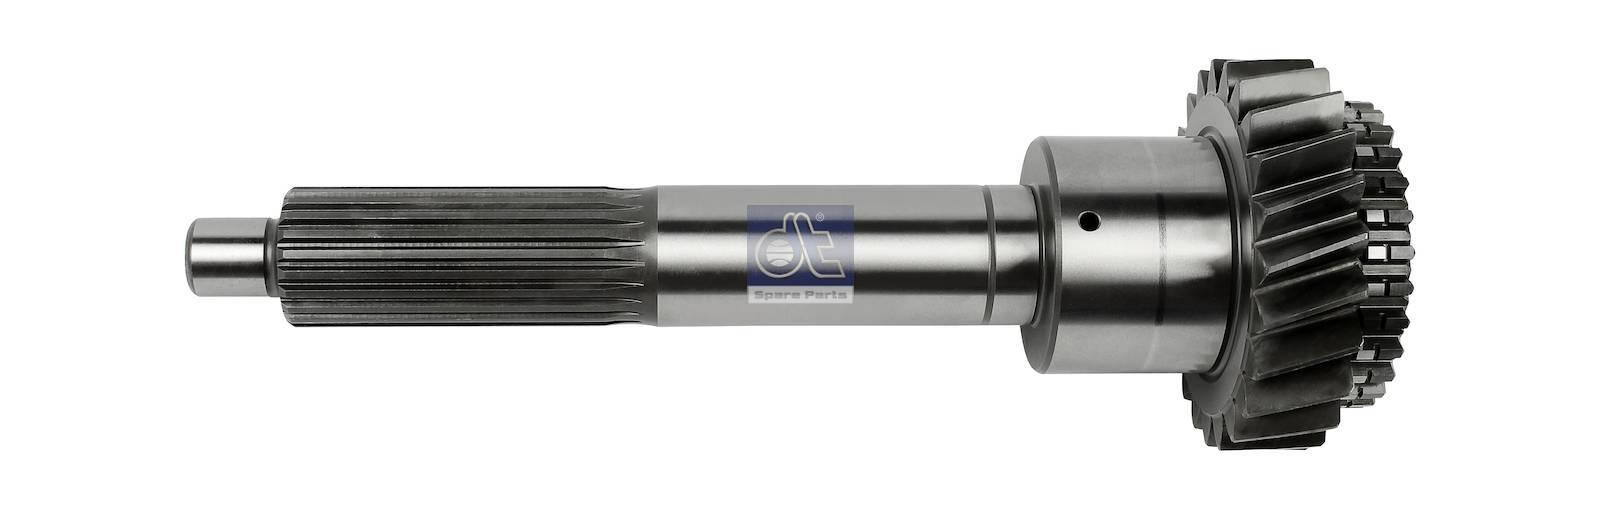 Input shaft